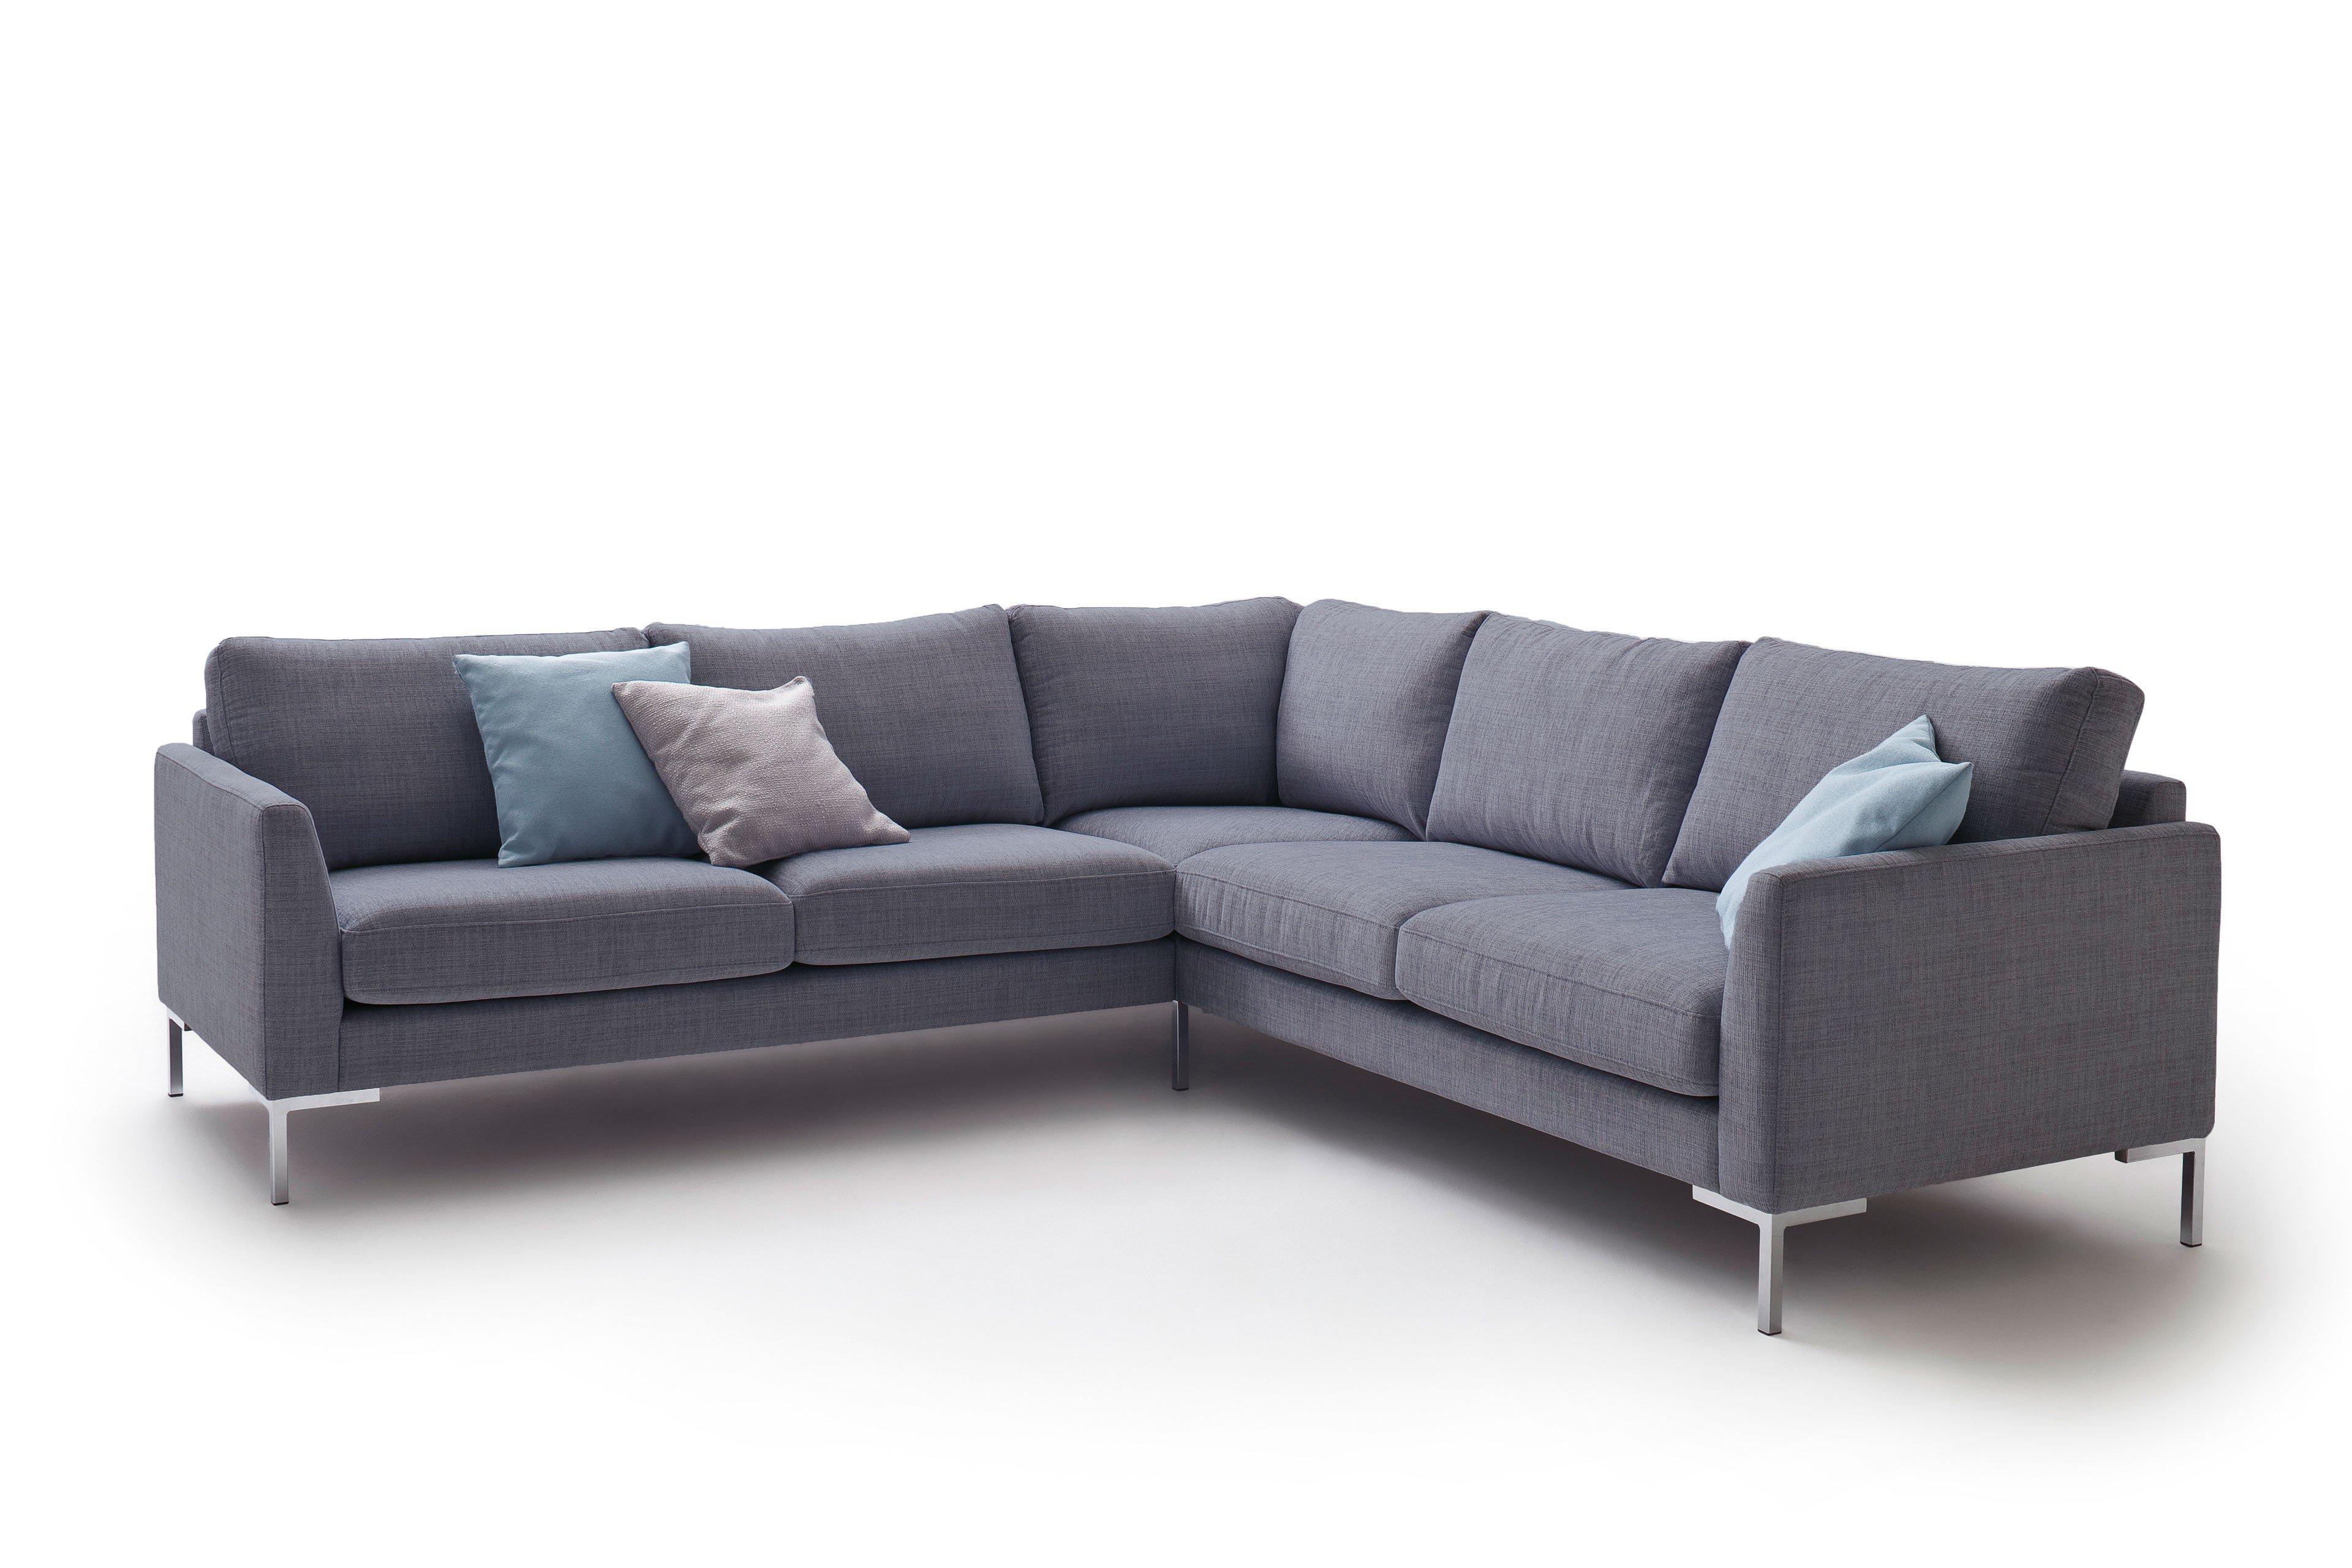 polnische mbel online kaufen great warschau polen stadt. Black Bedroom Furniture Sets. Home Design Ideas